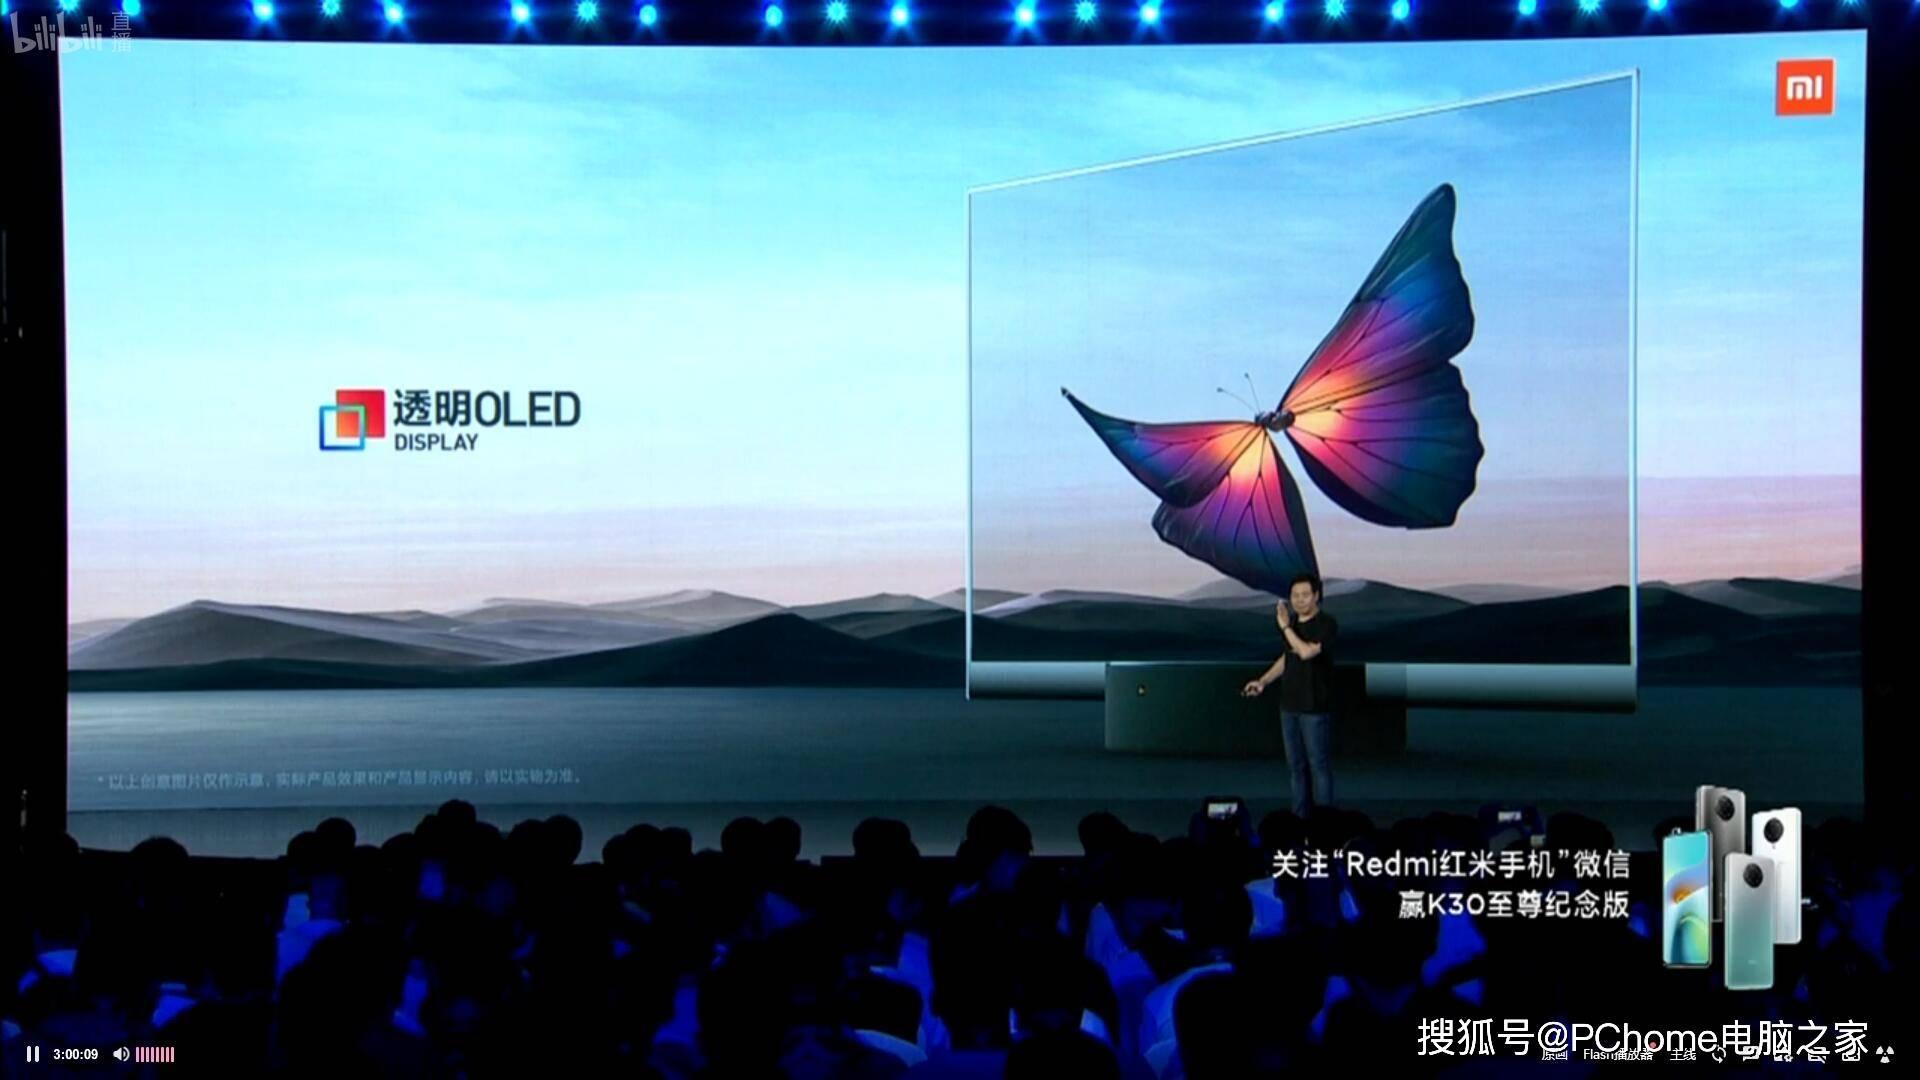 全球首款量产透明电视!49999元小米透明电视发